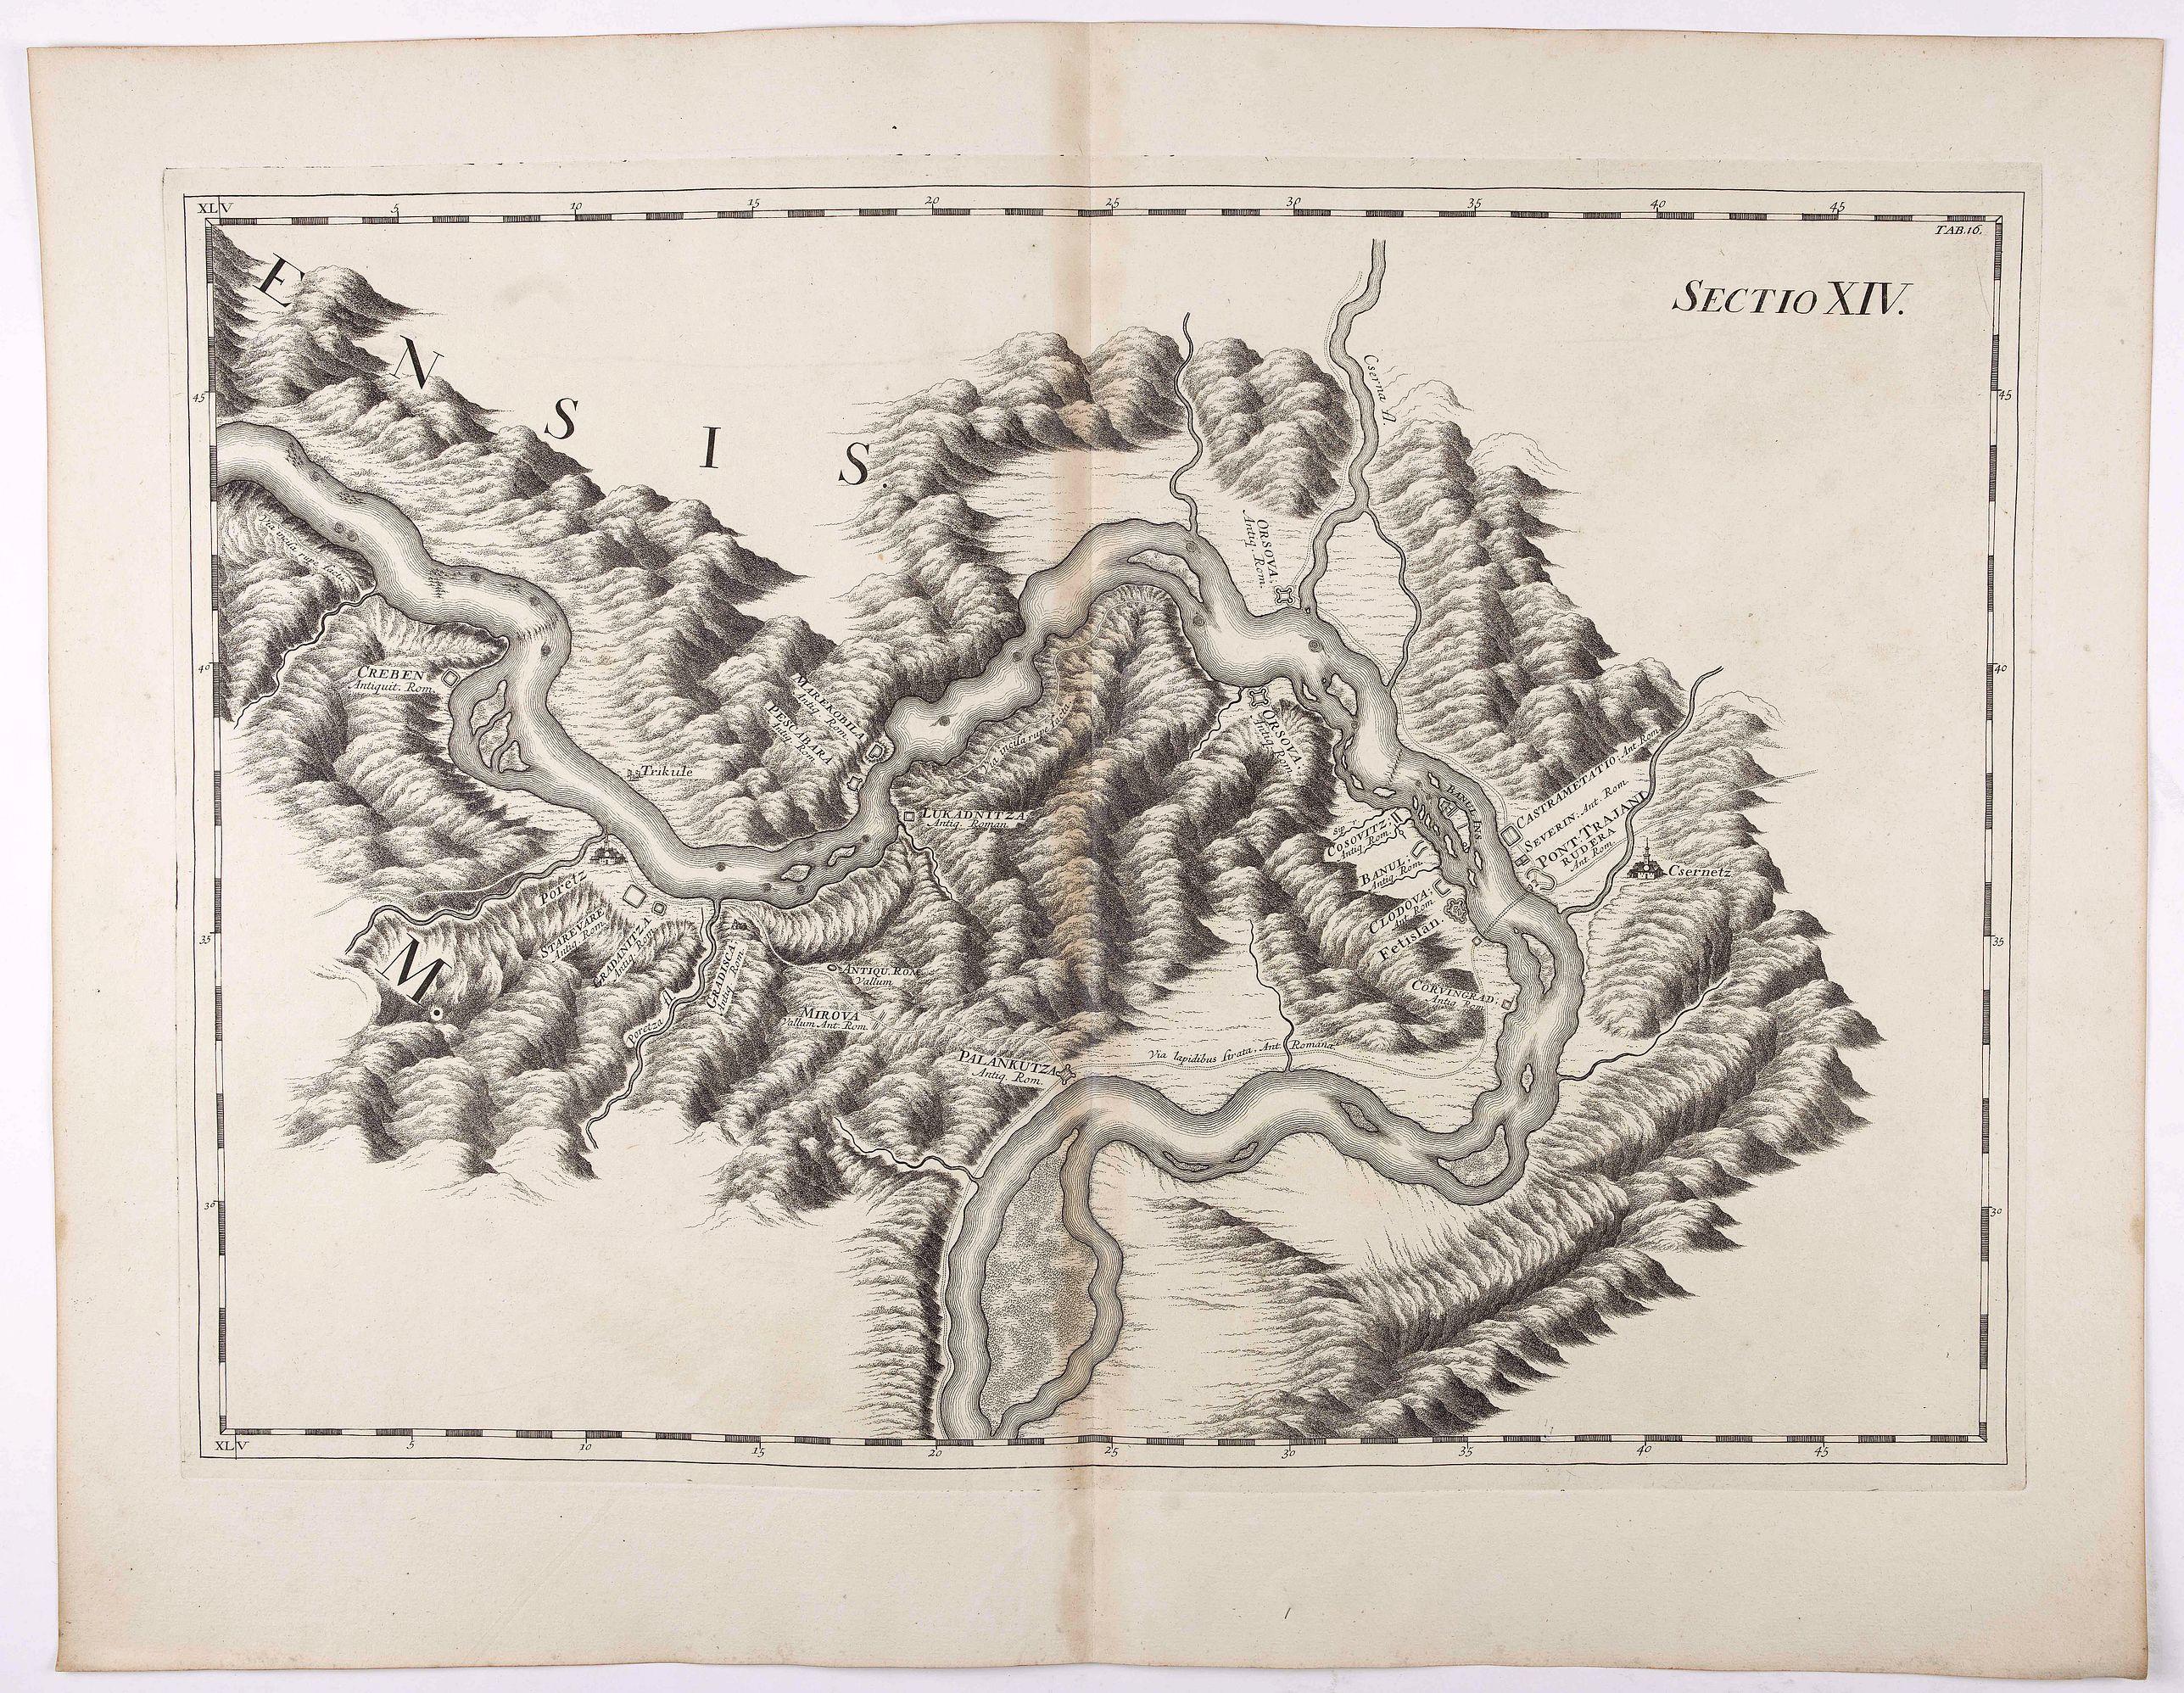 MARSILI, L.F. - Sectio XIV.